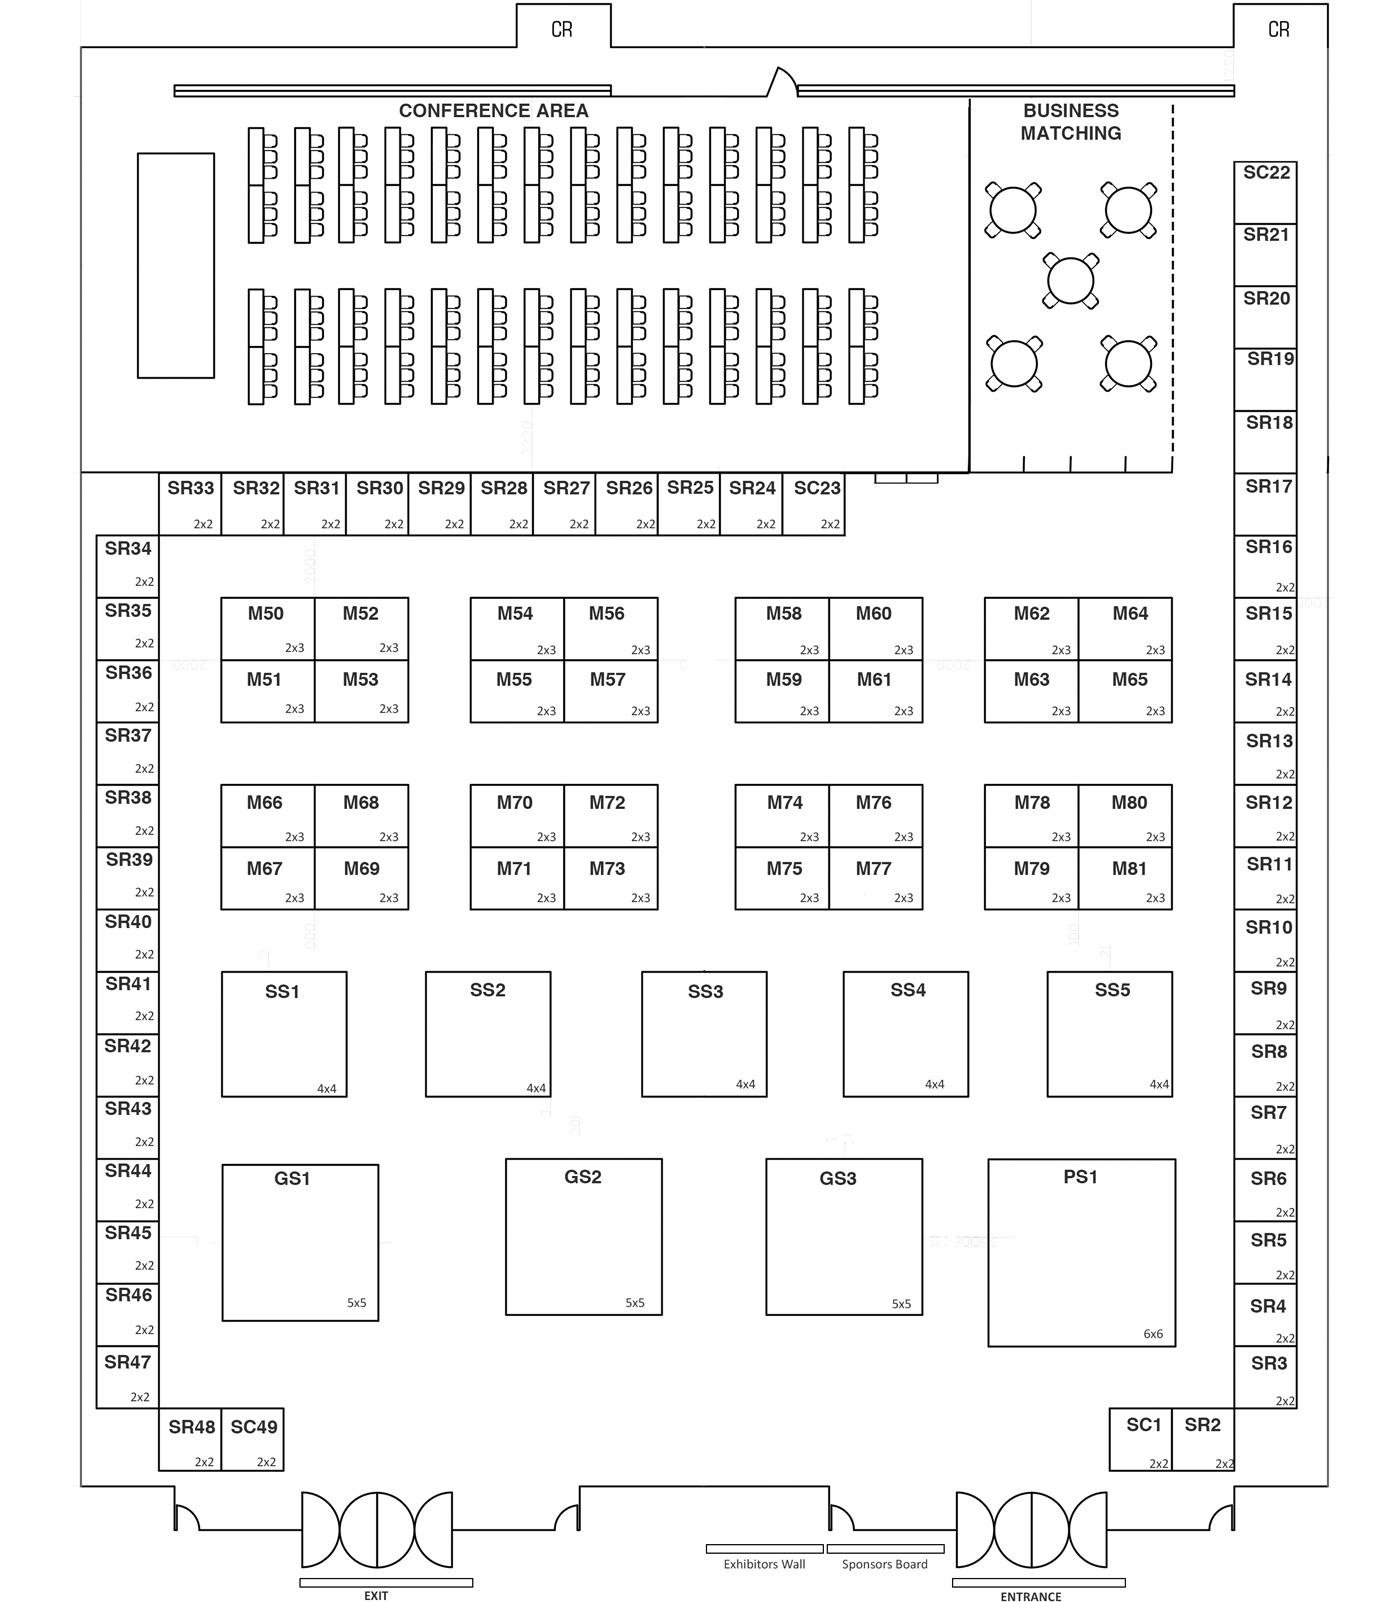 PhilSME 2018 Floor Plan